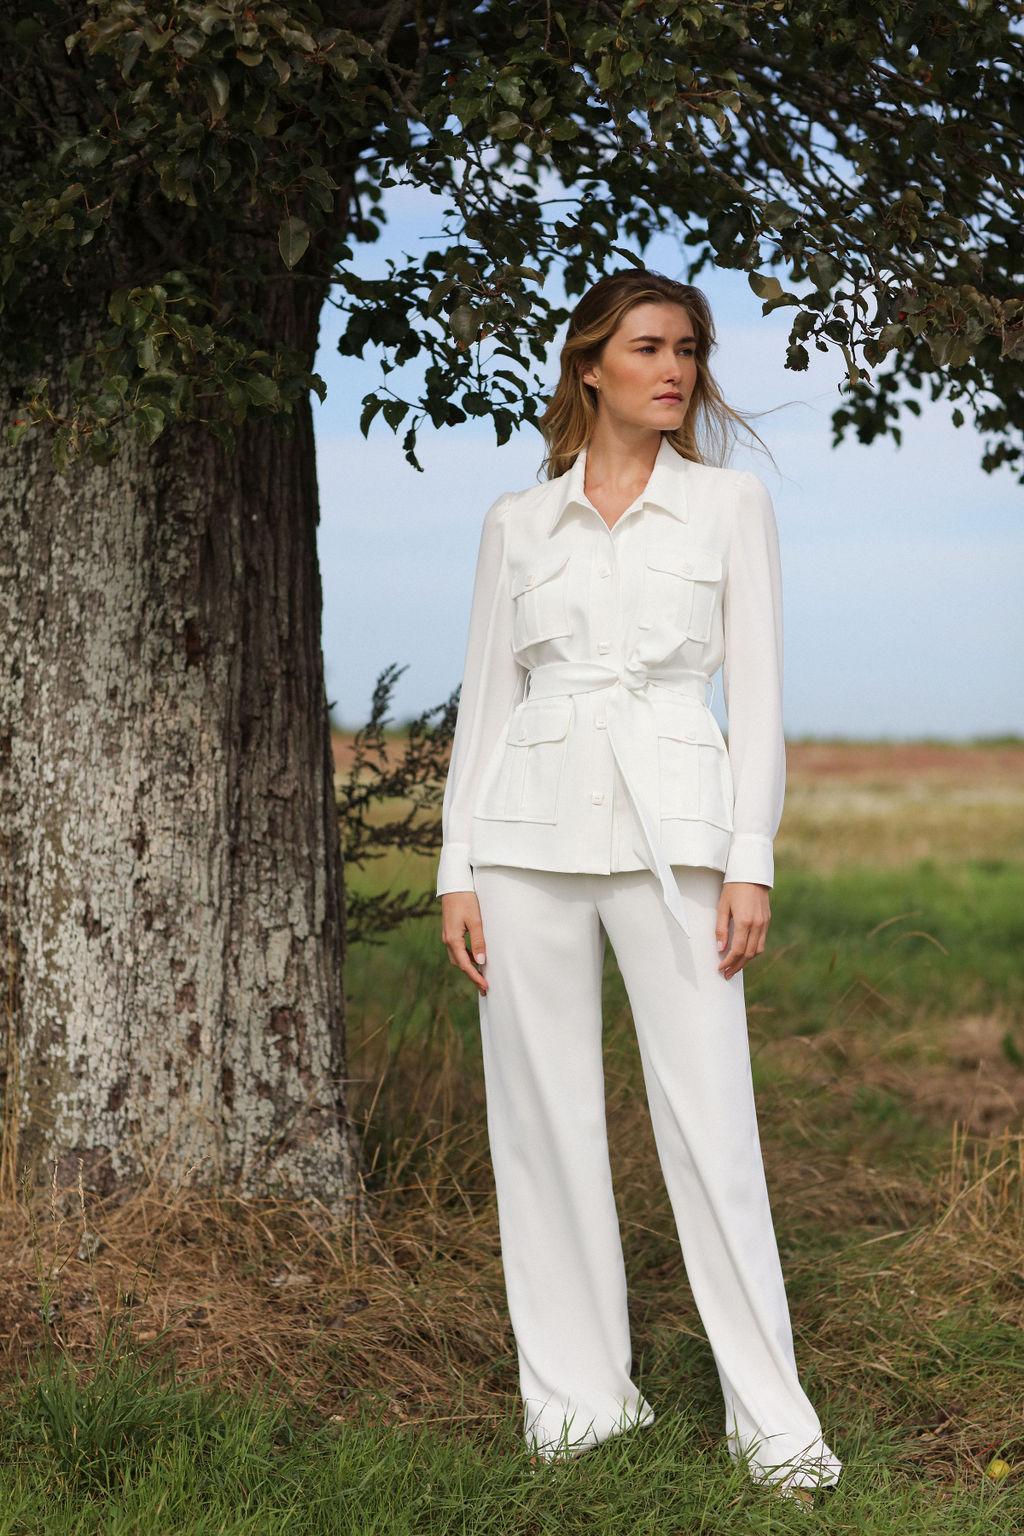 philomene-veste-garden-pantalon-1-marie-laporte-escapade-collection-2022